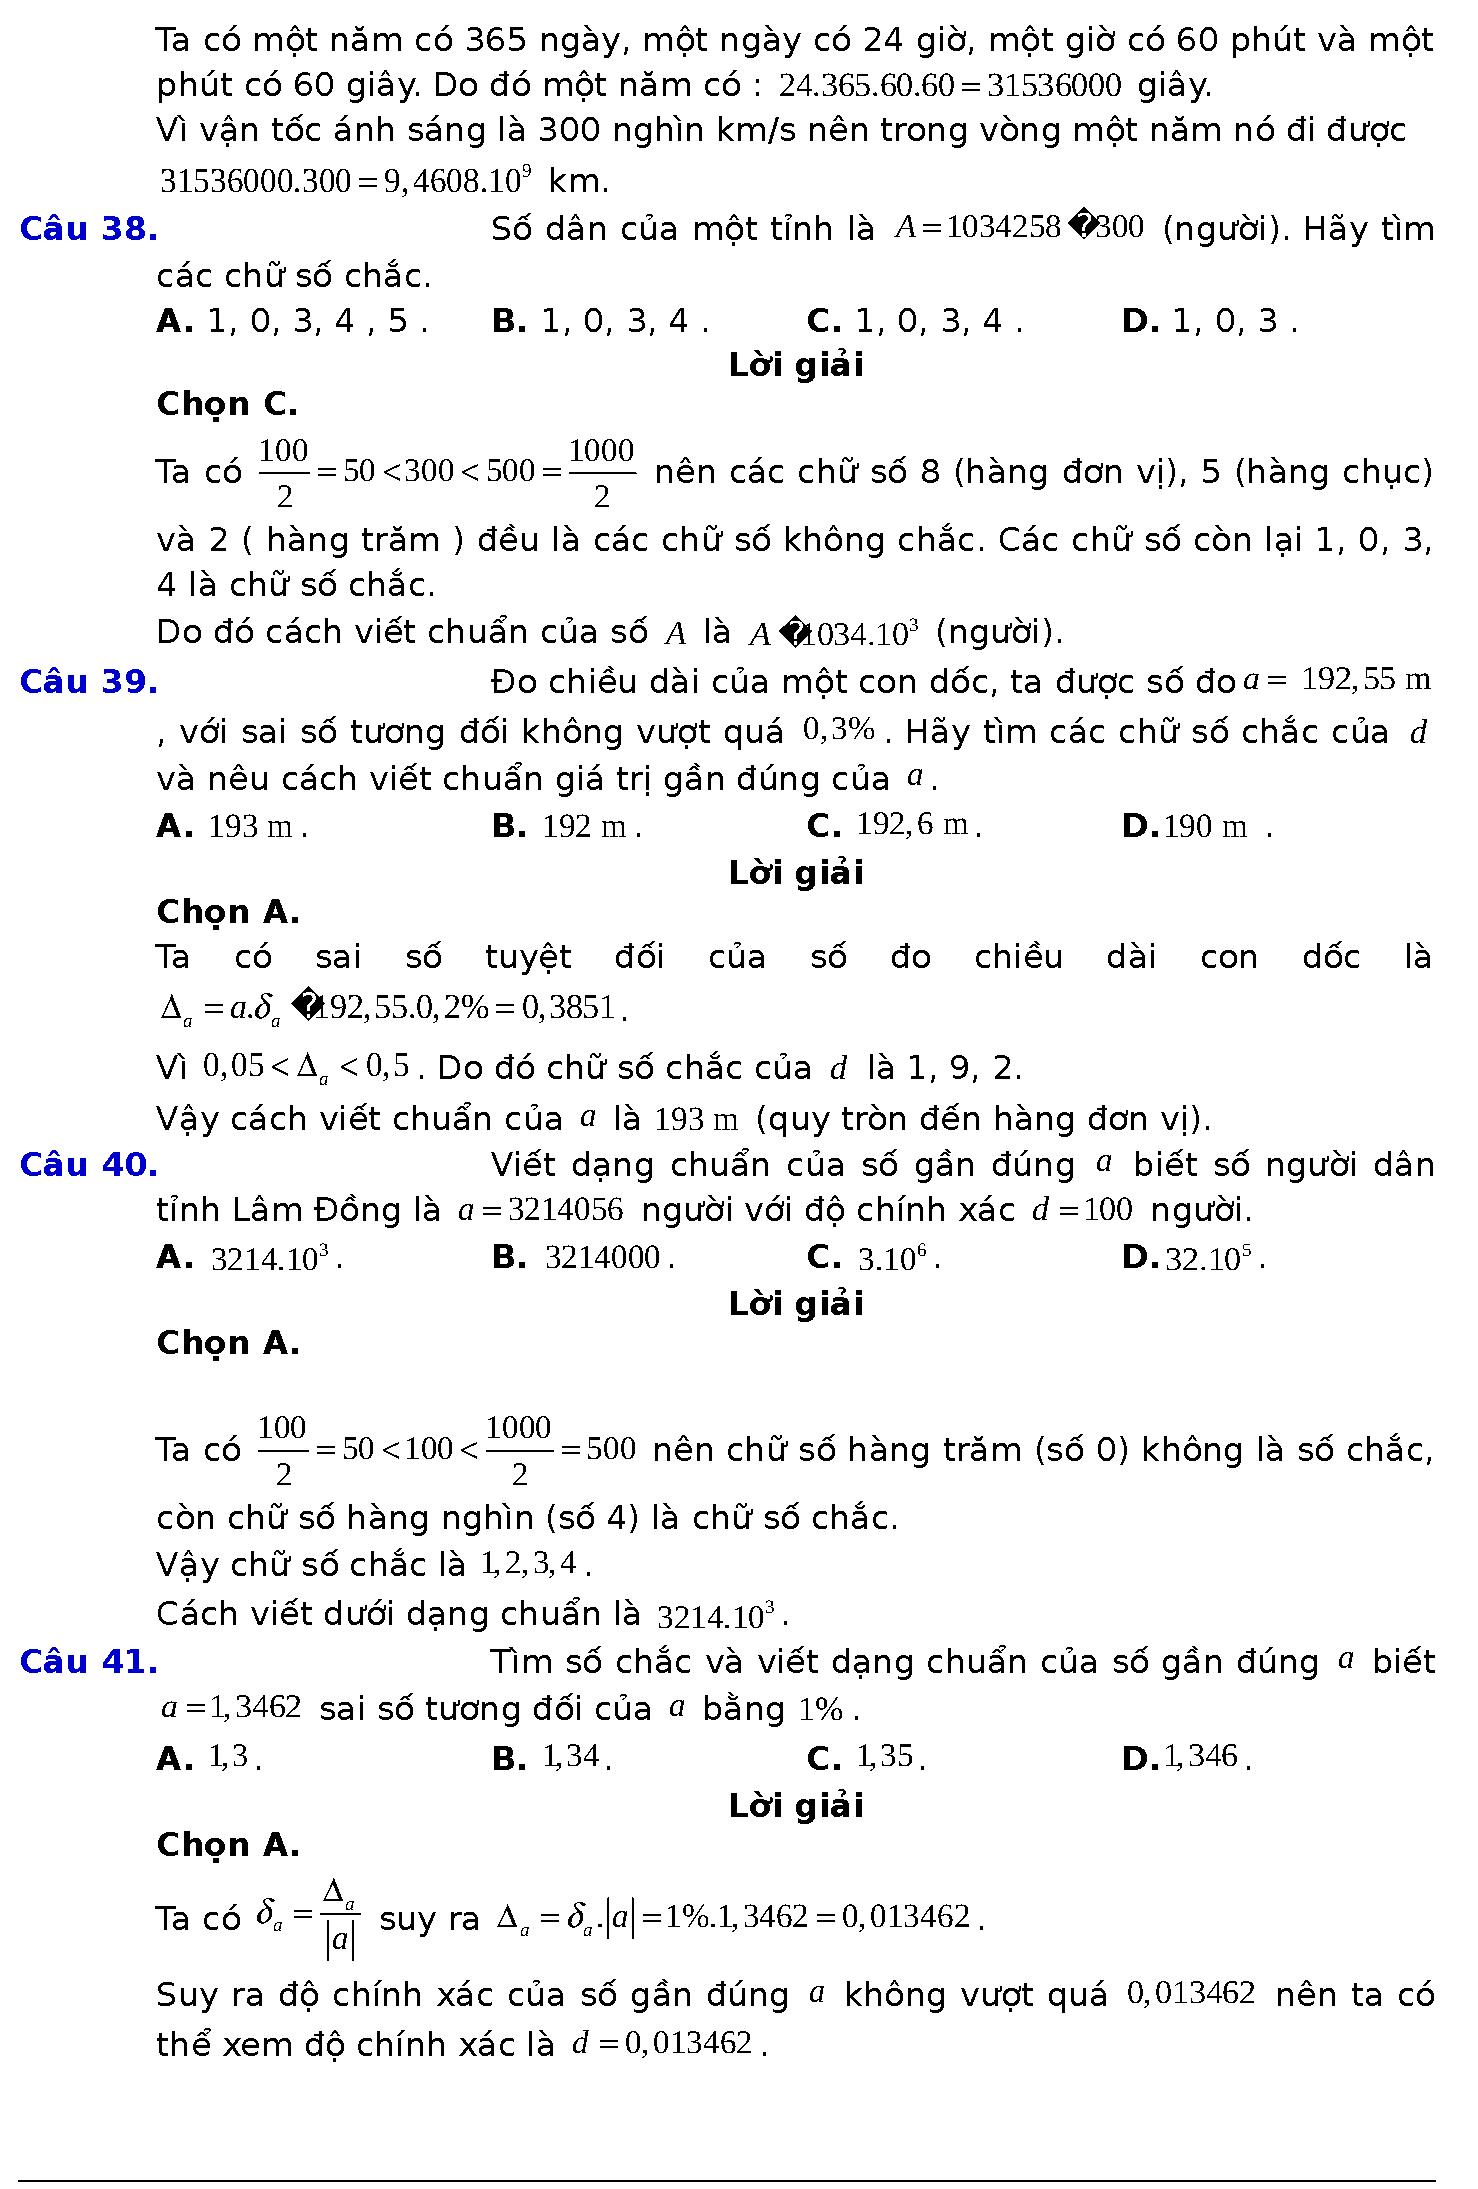 bài giảng toán 10 số gần đúng sai số